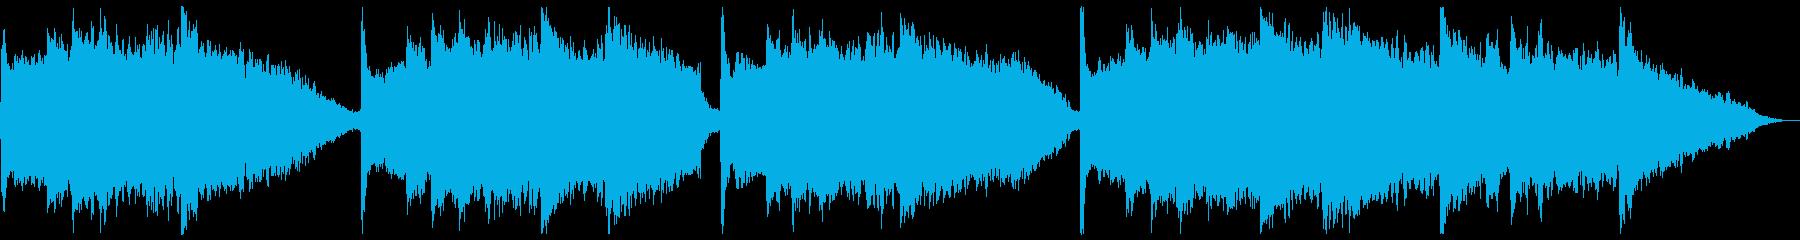 【リズム抜き】和風、雅楽風の穏やかなB…の再生済みの波形